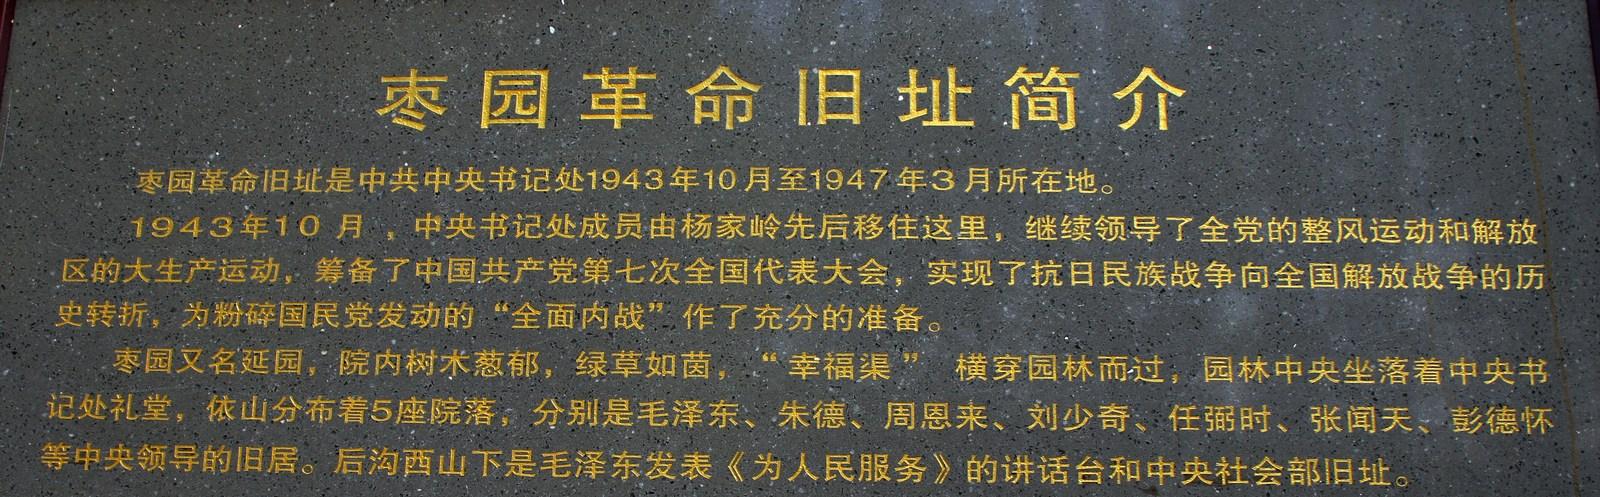 延安杨家岭革命胜地-延安枣园革命旧址简介2--96-1600.jpg